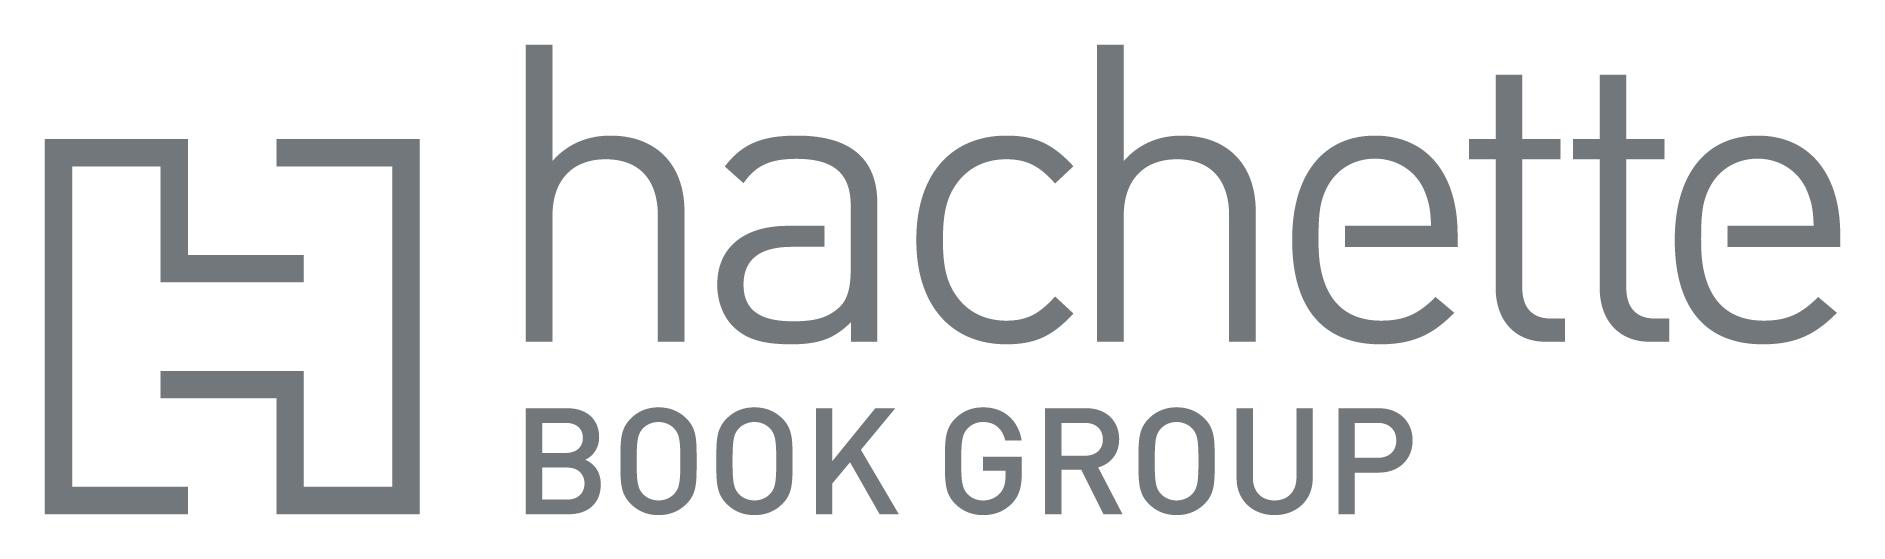 Hachette_Book_Grouplogo.jpg